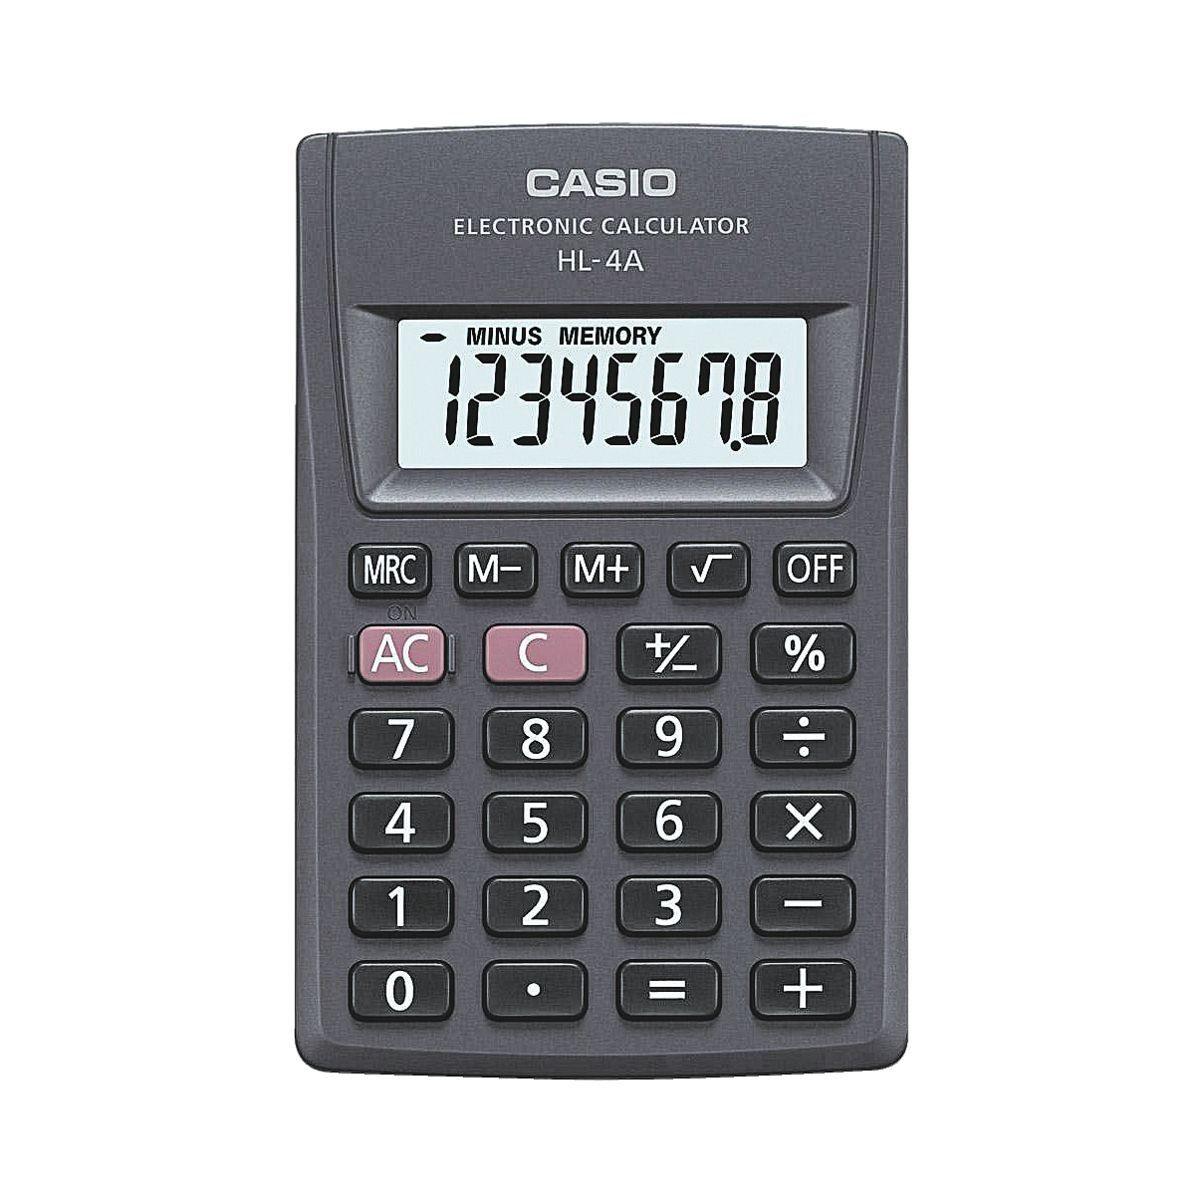 CASIO Taschenrechner »HL-4A«